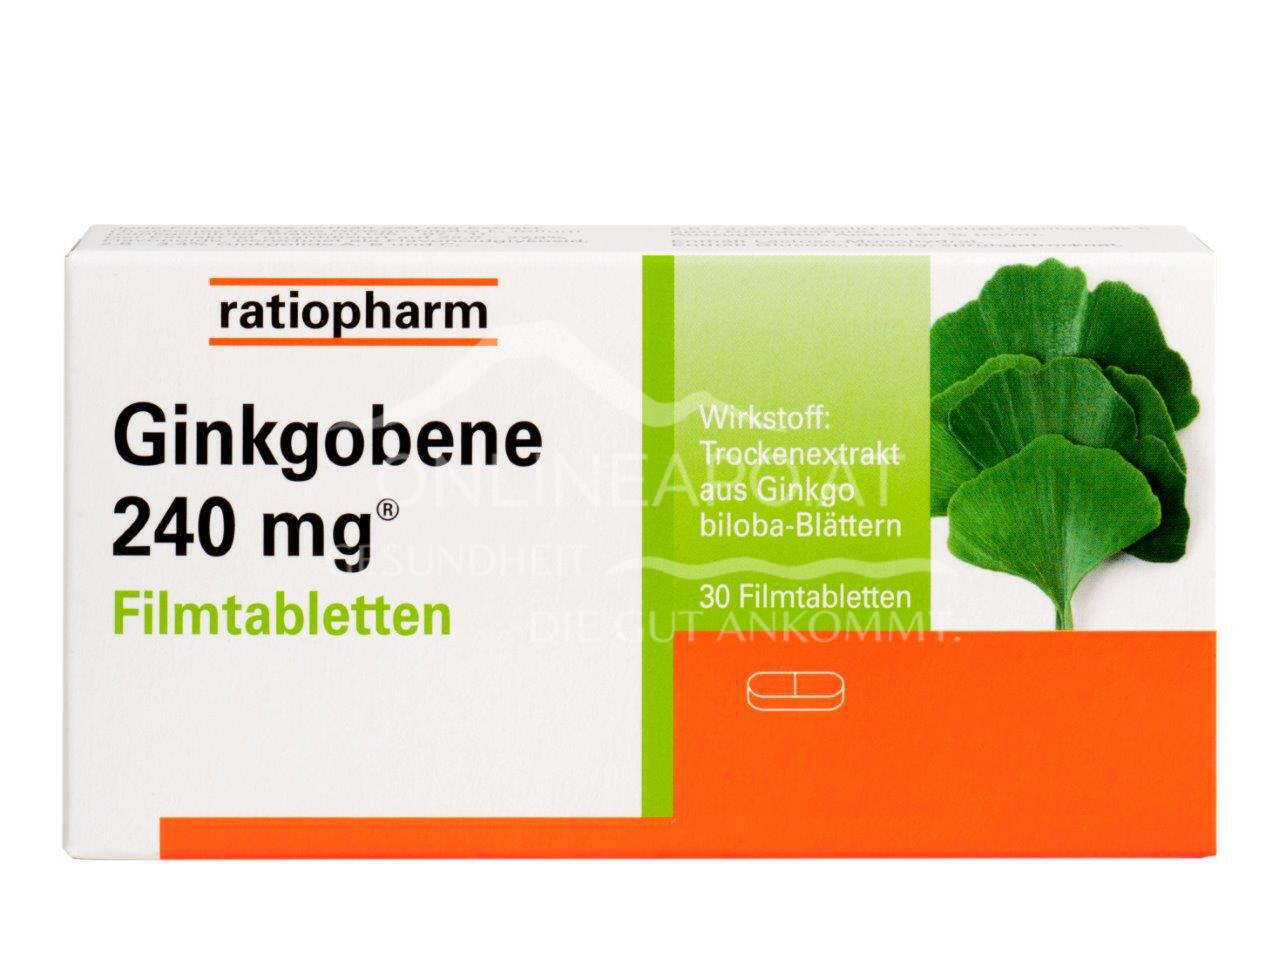 Ginkgobene 240mg® Filmtabletten